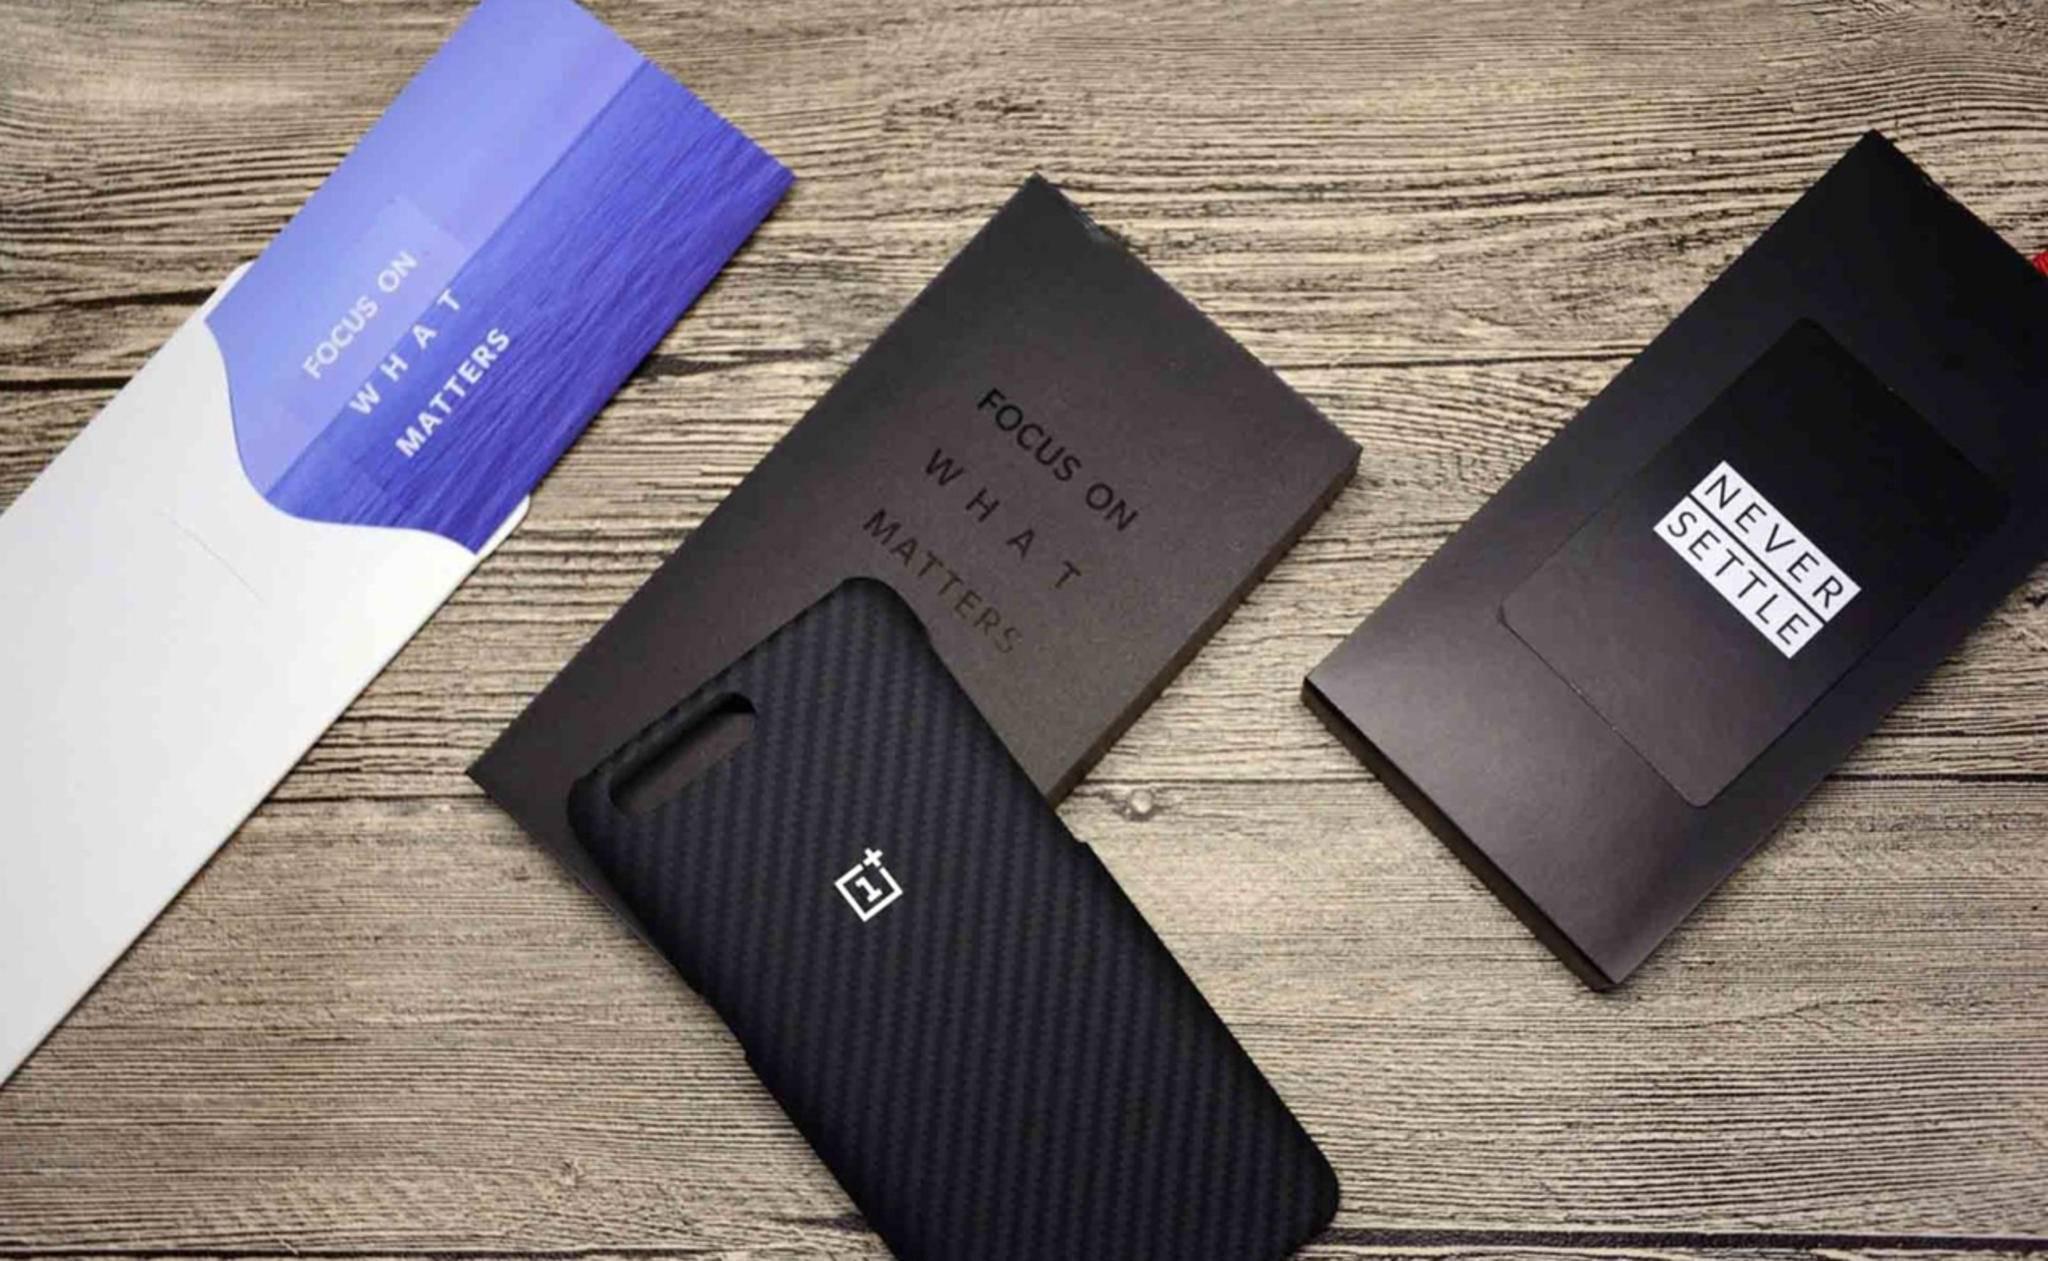 Die Einladungen zum OnePlus-Launch-Event enthalten ein Smartphone-Case mit Aussparung für die Dual-Kamera.